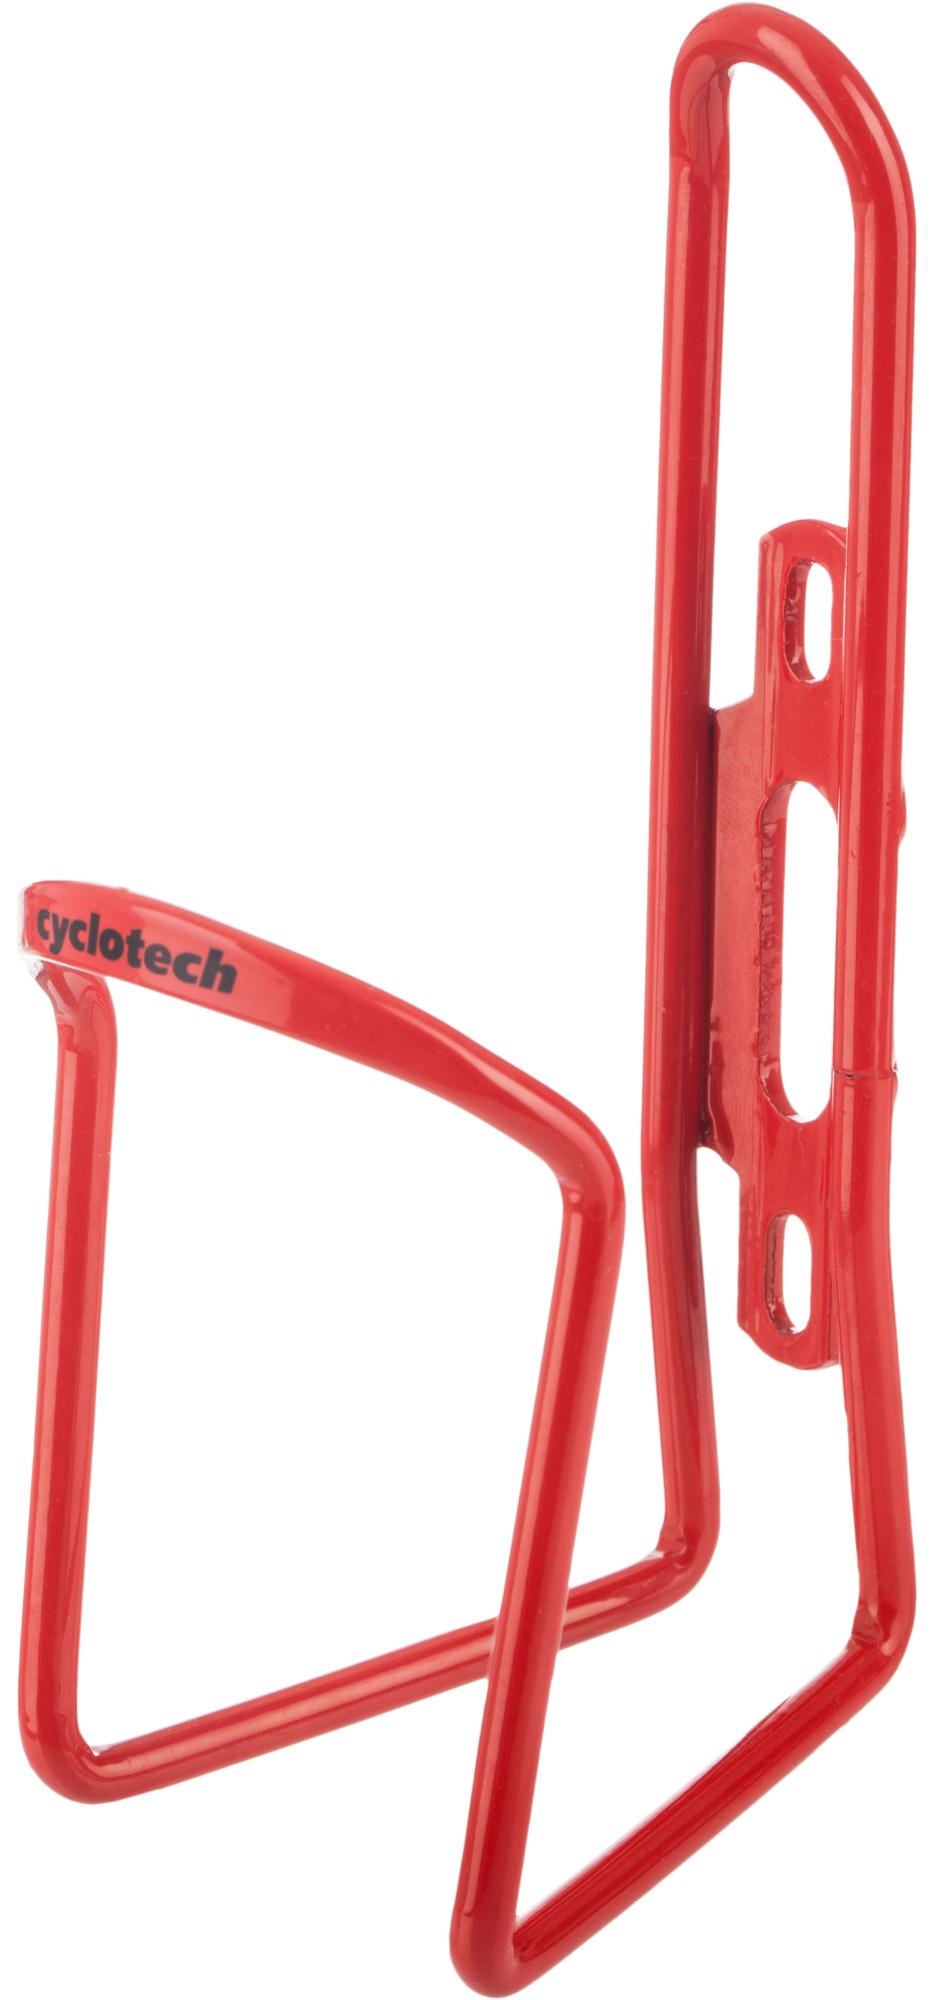 Cyclotech Флягодержатель Cyclotech декоративные колпачки на ниппели cyclotech cyclotech